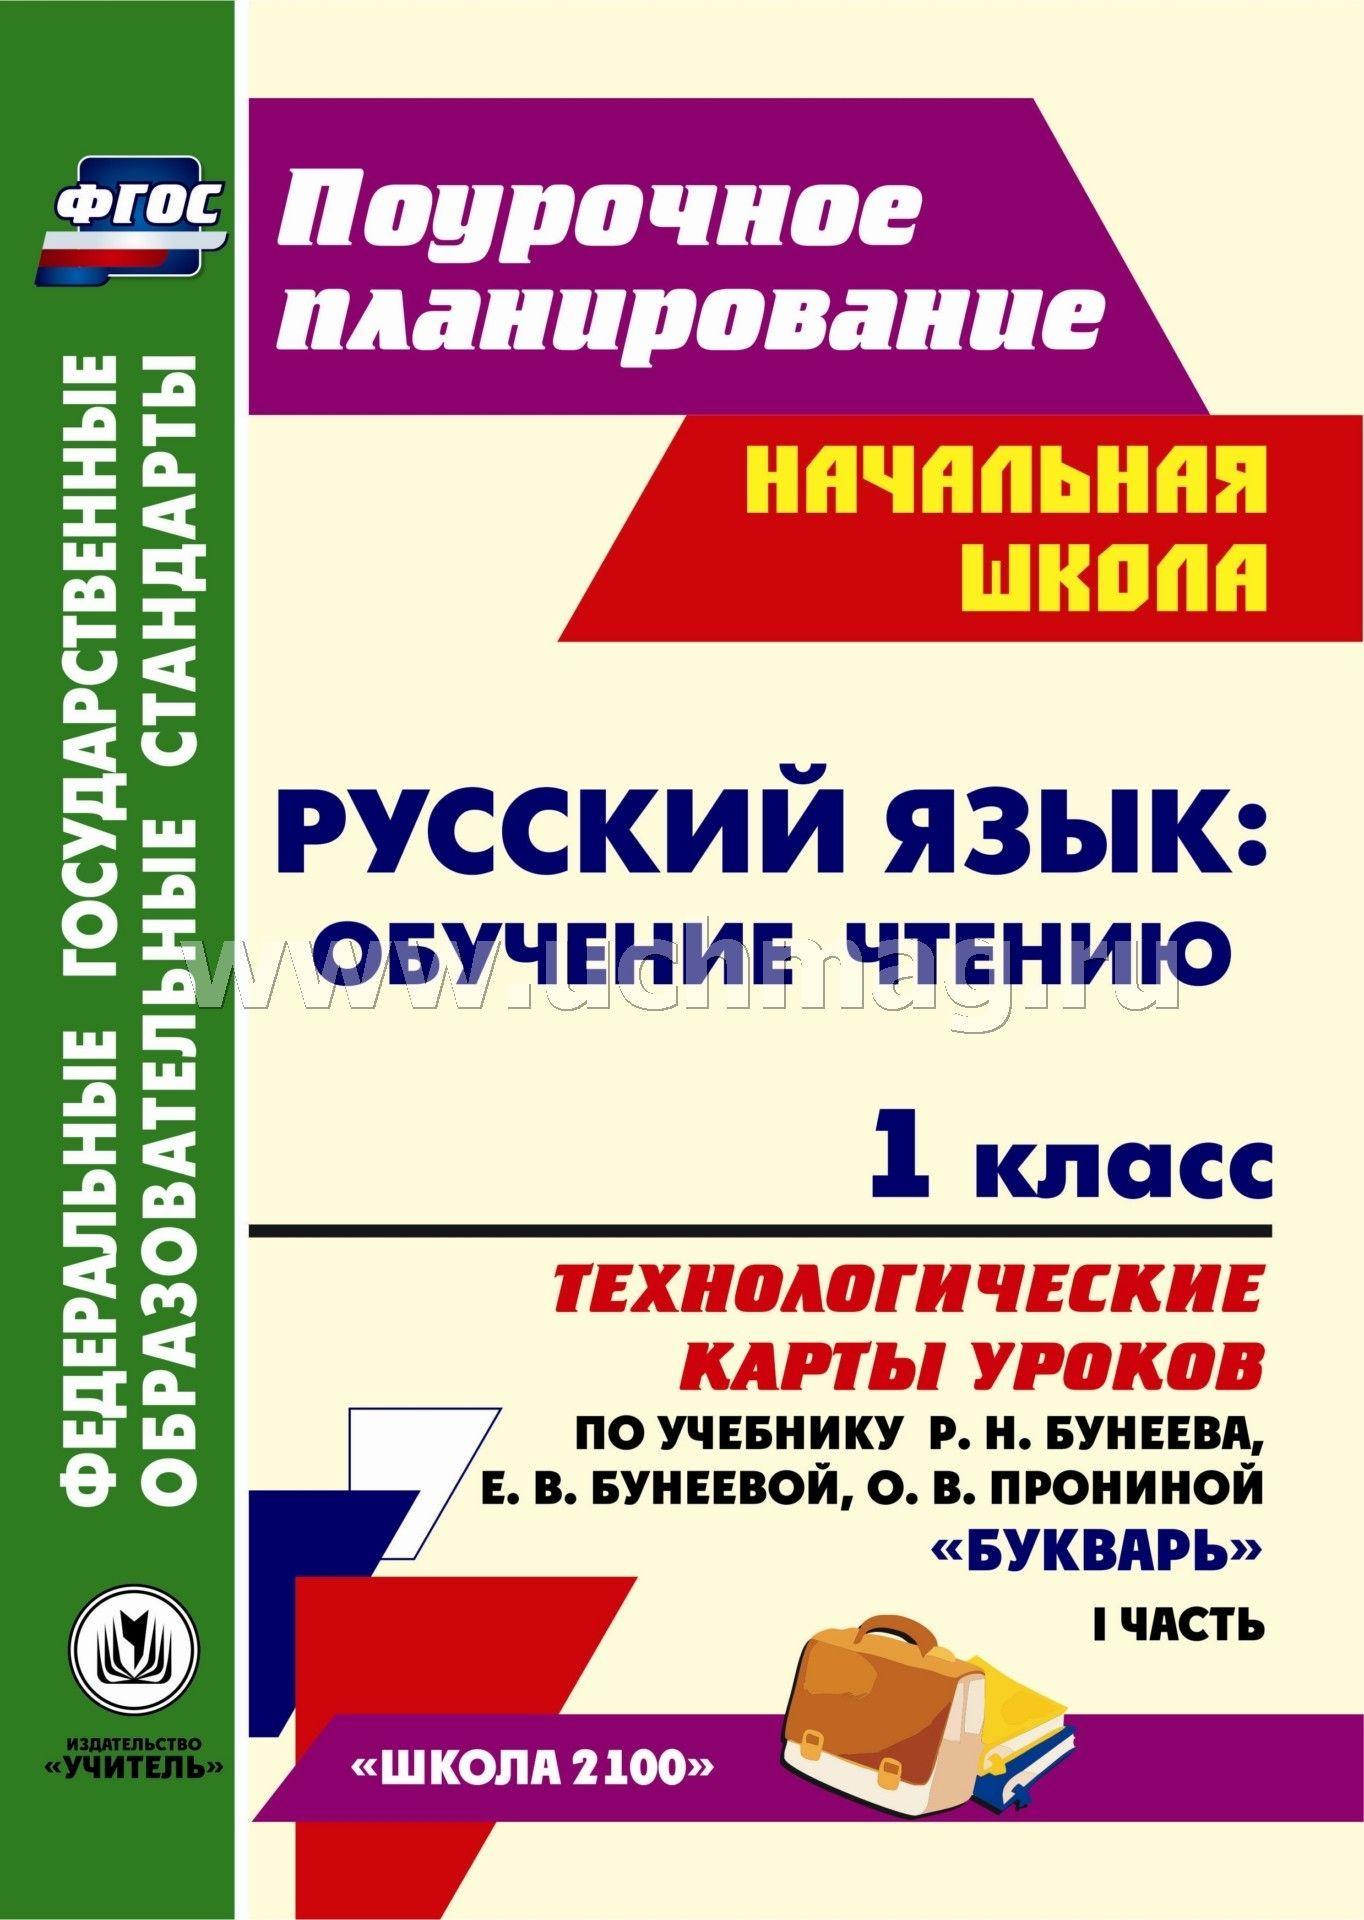 stihi-uroki-russkiy-yazik-uchebnik-8-klass-buneev-moya